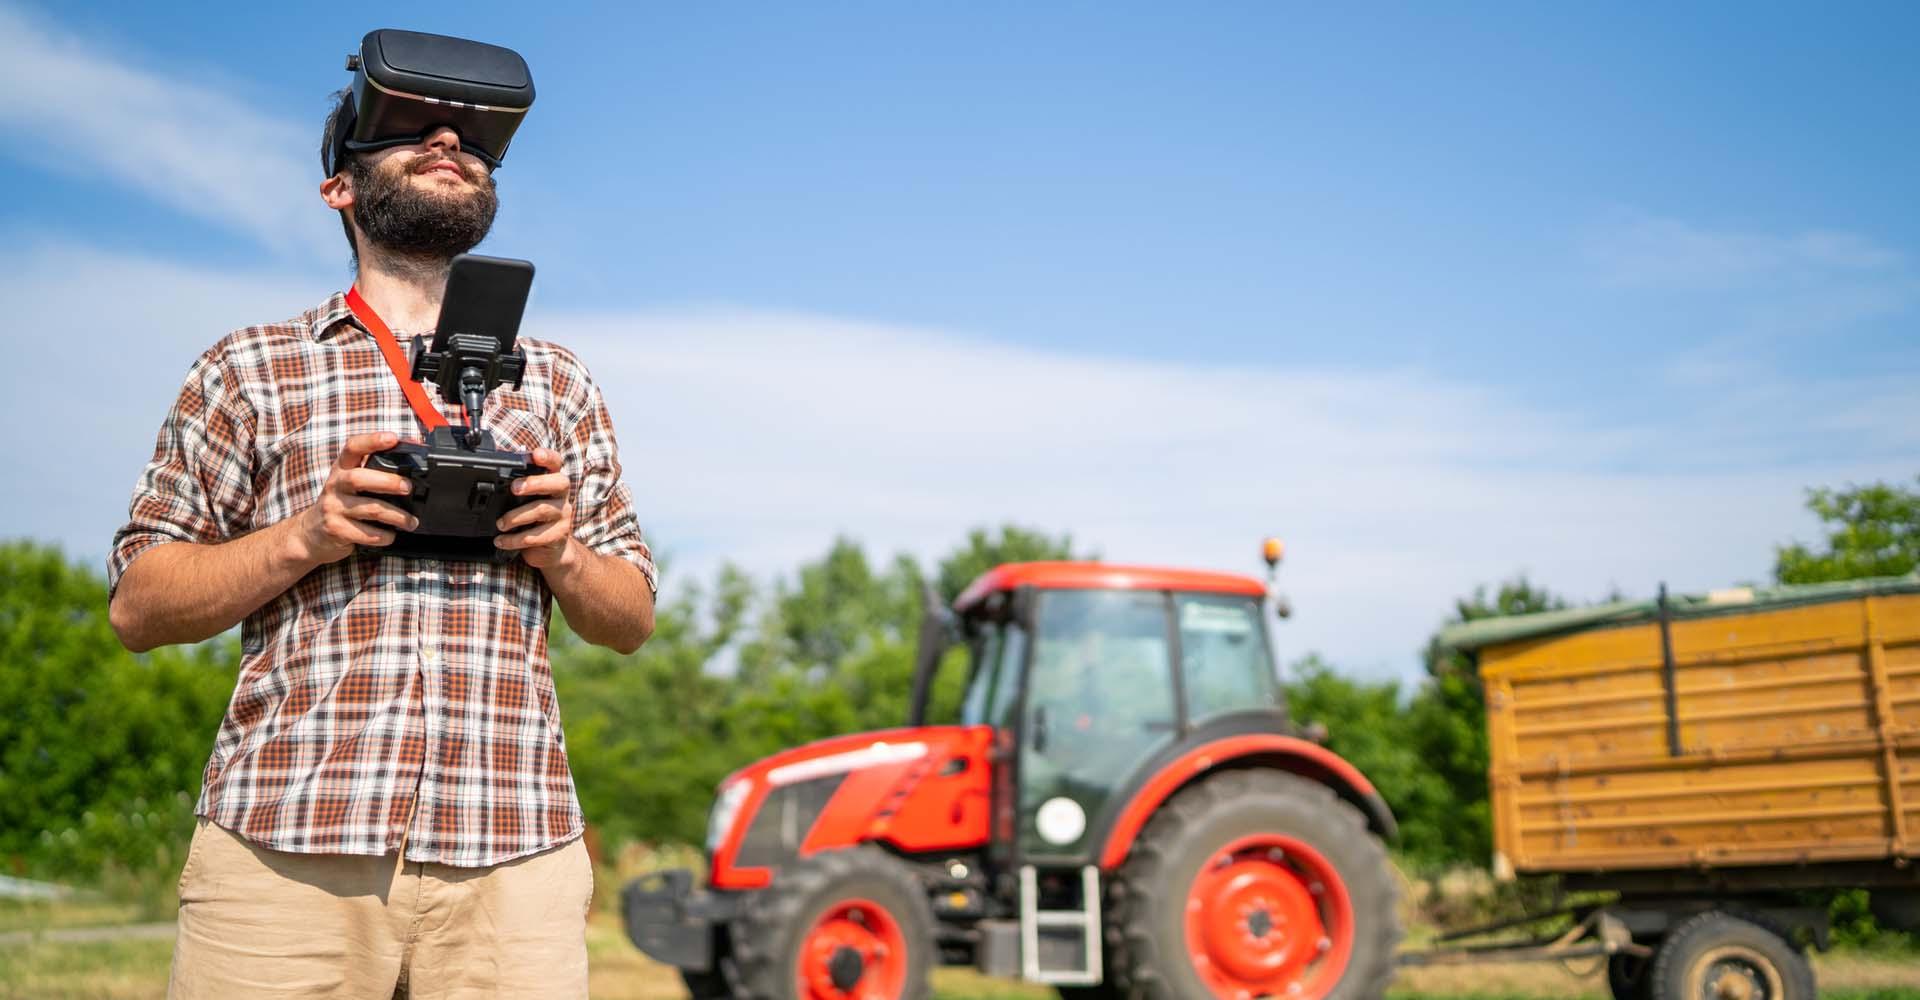 Drohnenpilot in der Landwirtschaft